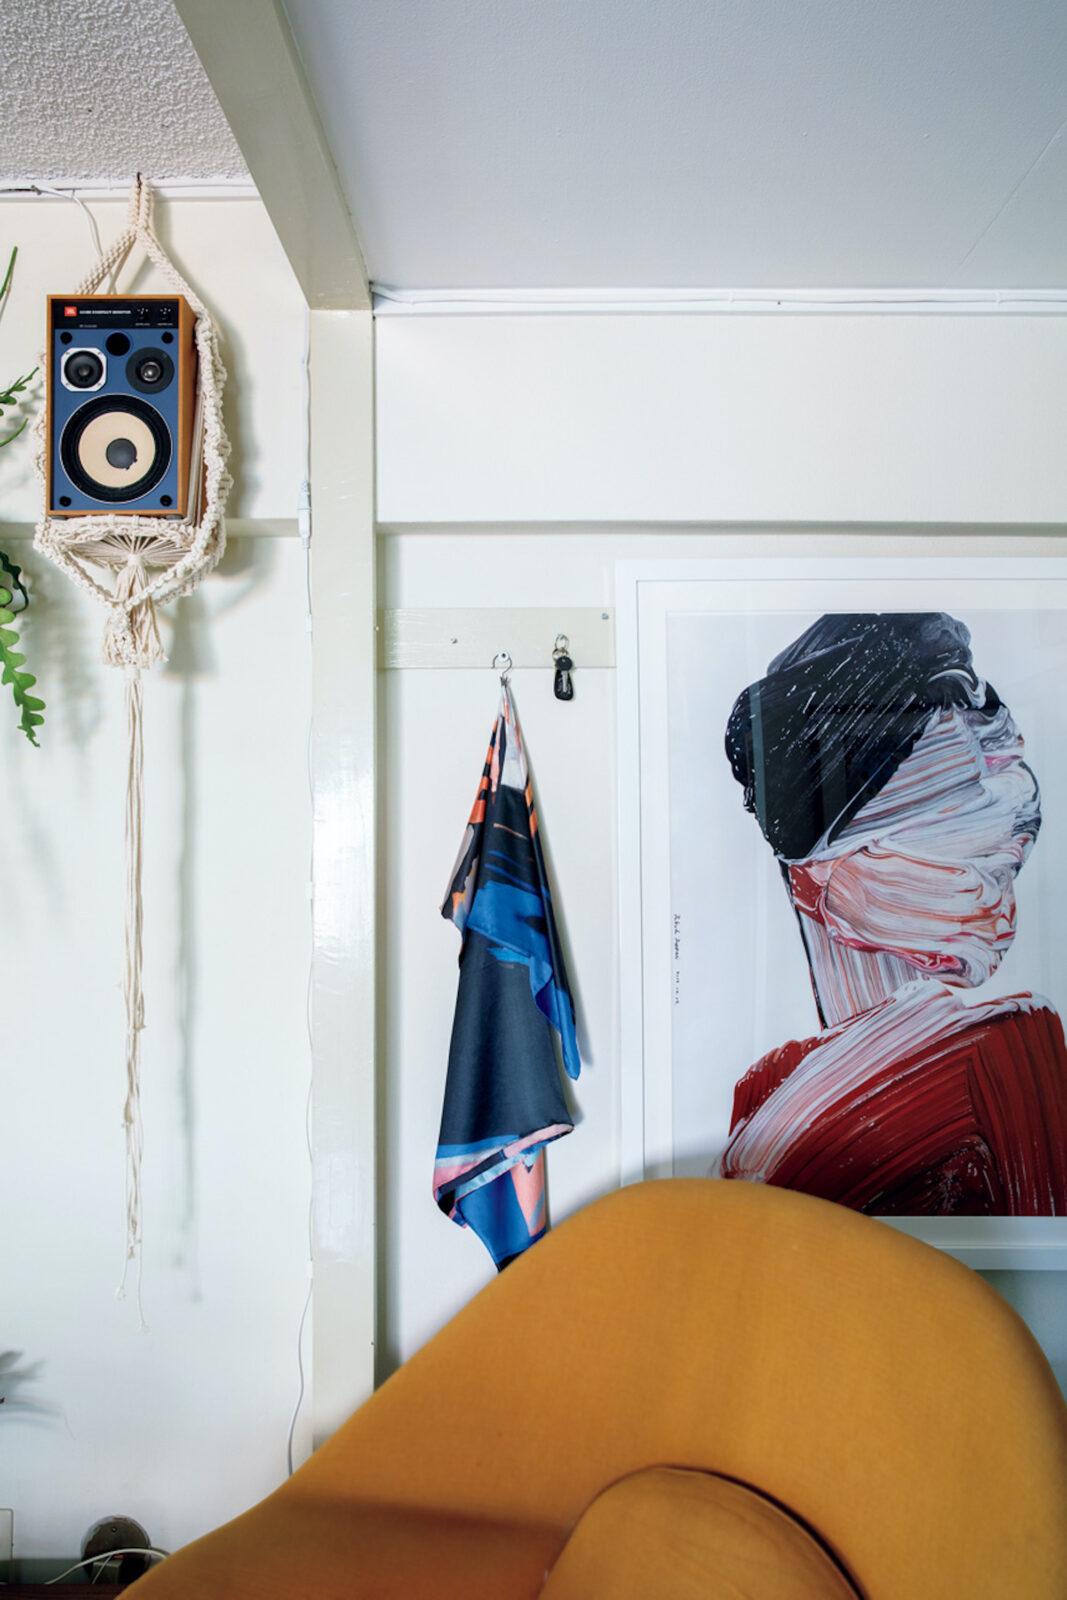 玄関横の壁まわり。ポスターは武田鉄平。壁に掛けたシルクスカーフには小澤雅志のペイントが施されている。左上のJBLのスピーカーは天井から吊すため、元職場の先輩で〈ウッドアンドノット〉の小野正史にマクラメ編みを頼んだ。